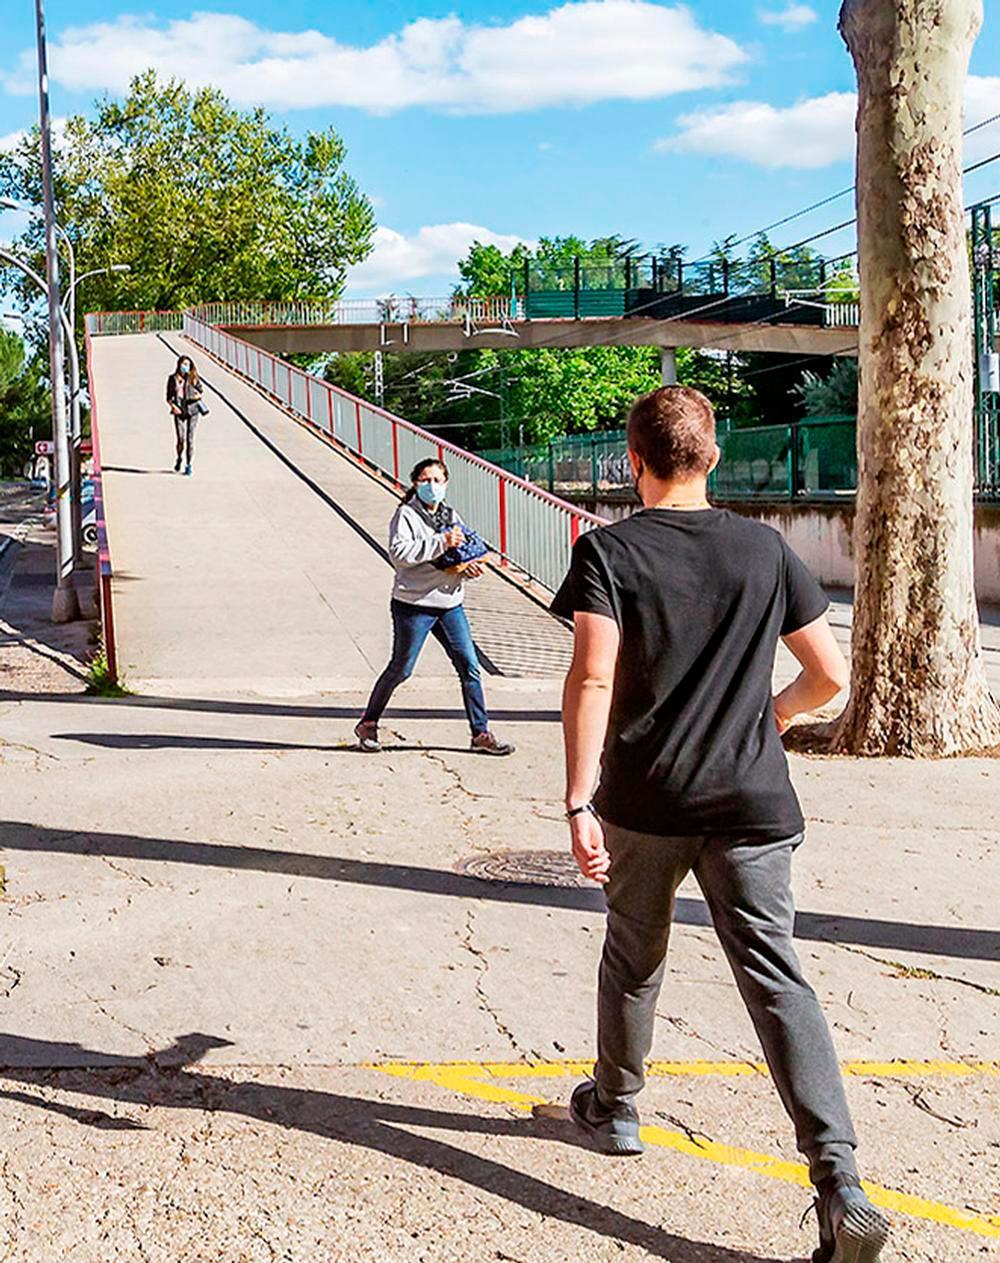 Mejoras peatonales y más zonas verdes para Pan y Guindas